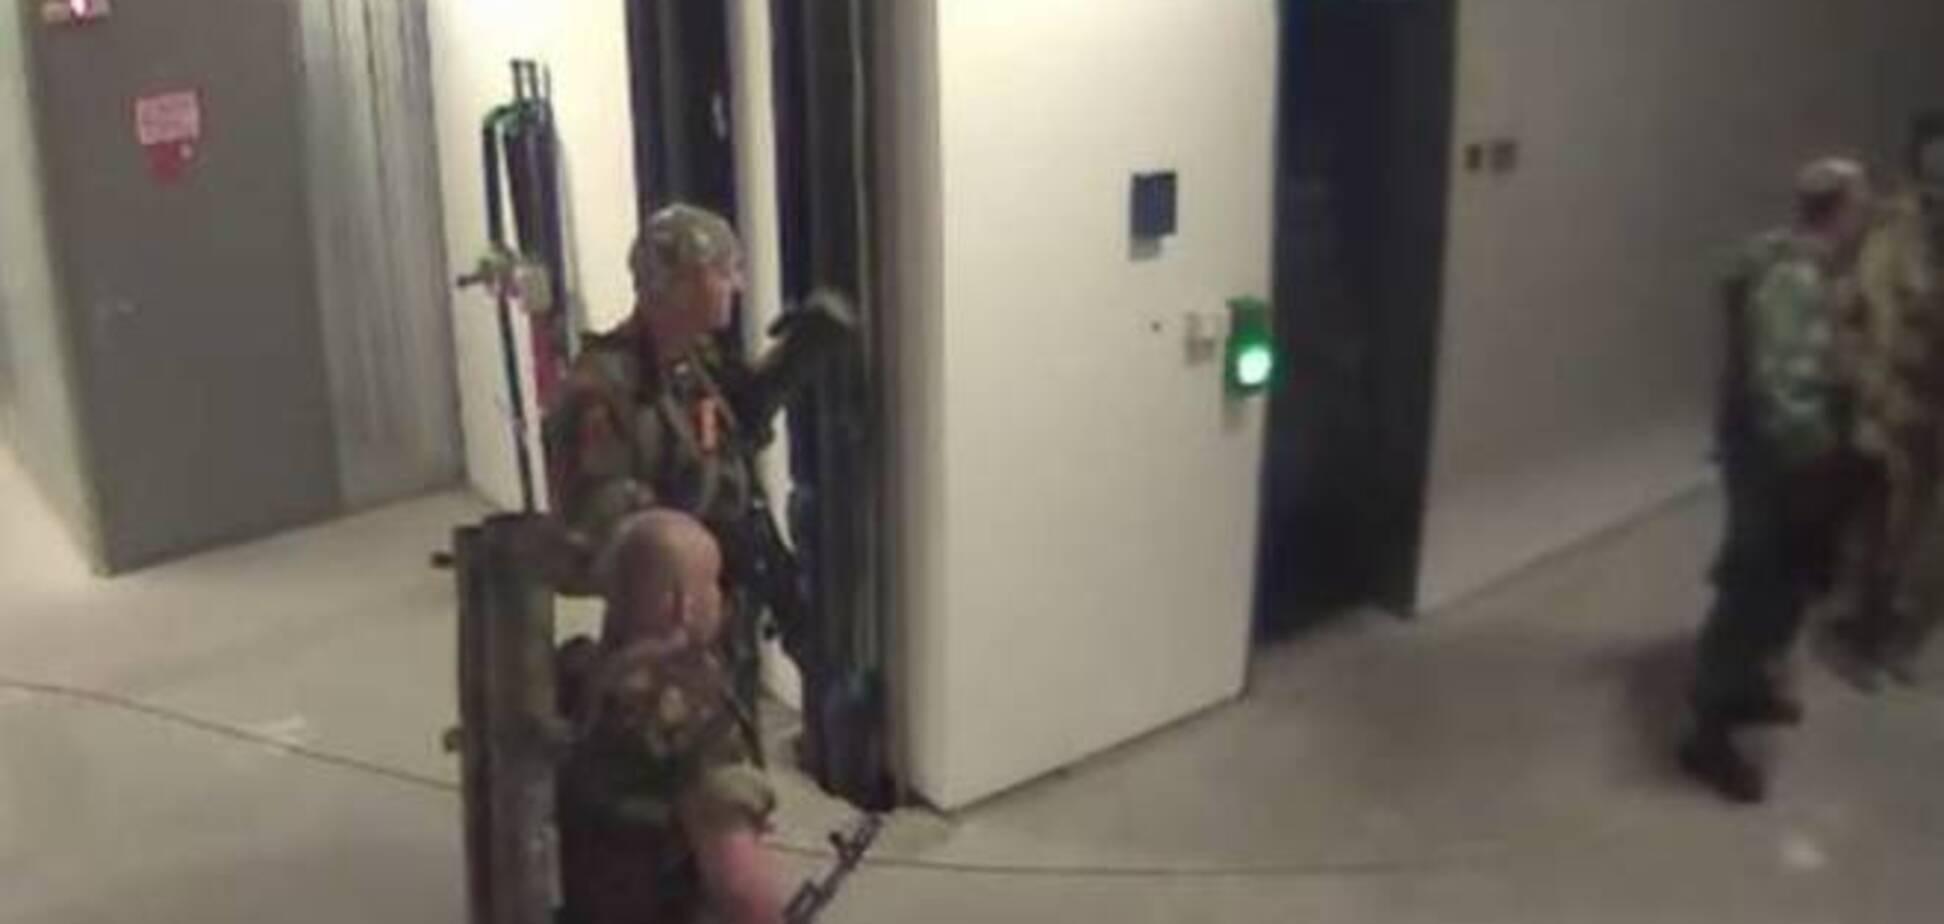 Пустившему террористов в донецкий аэропорт предателю из СБУ светит 15 лет тюрьмы